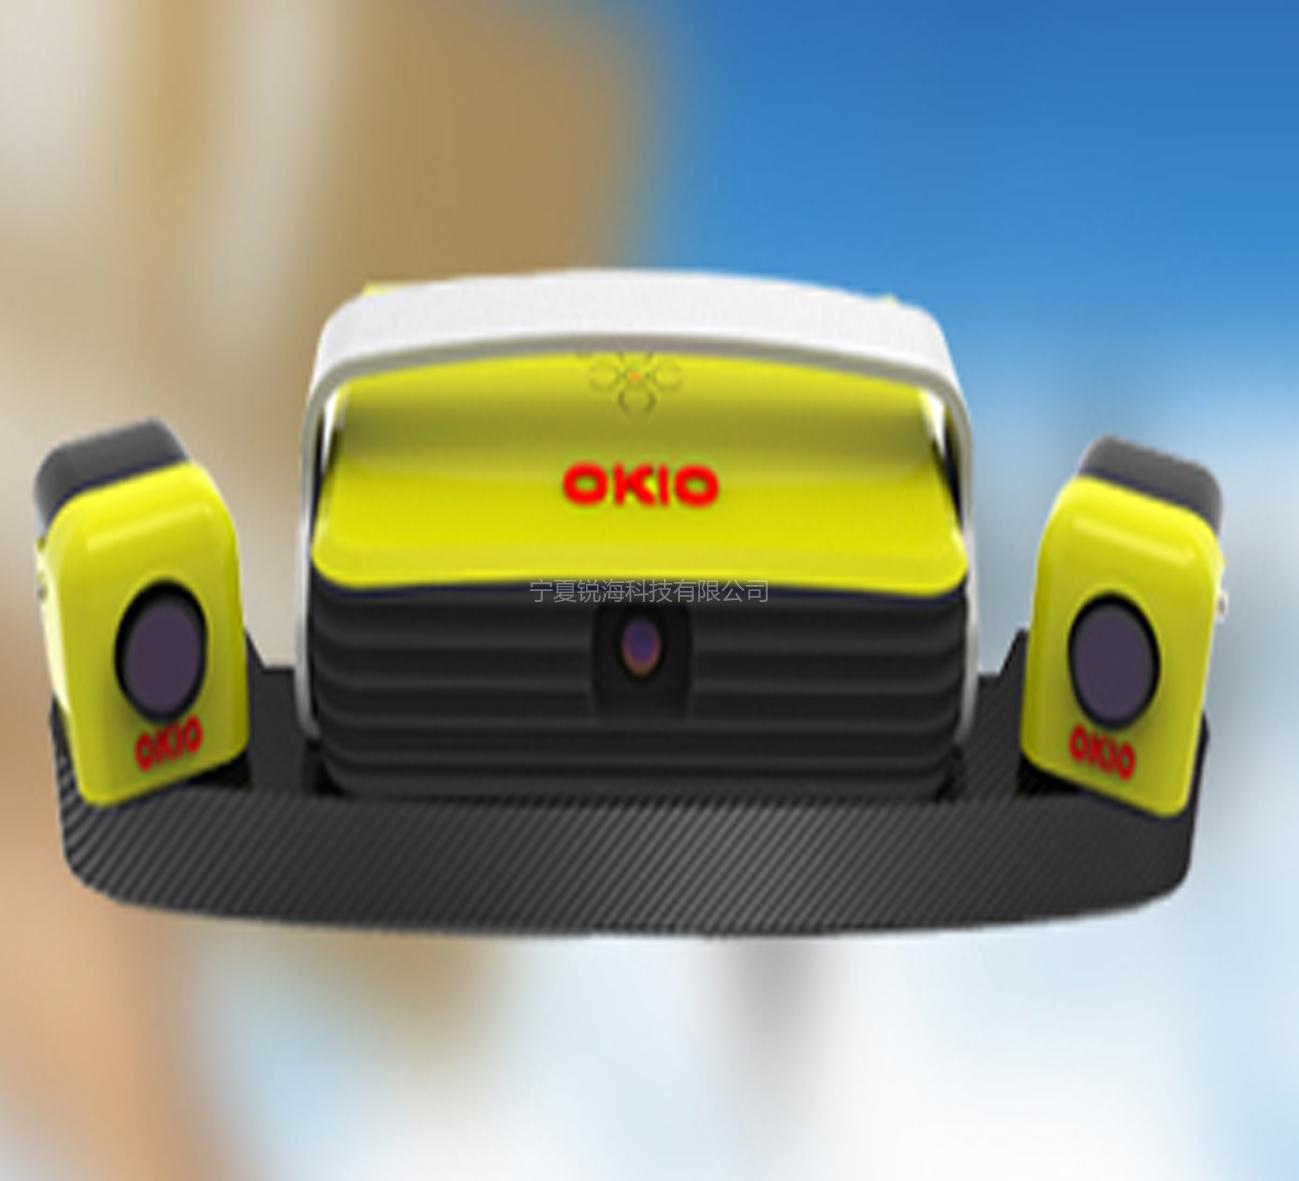 工业级三维激光扫描仪OKIO-H系列.jpg